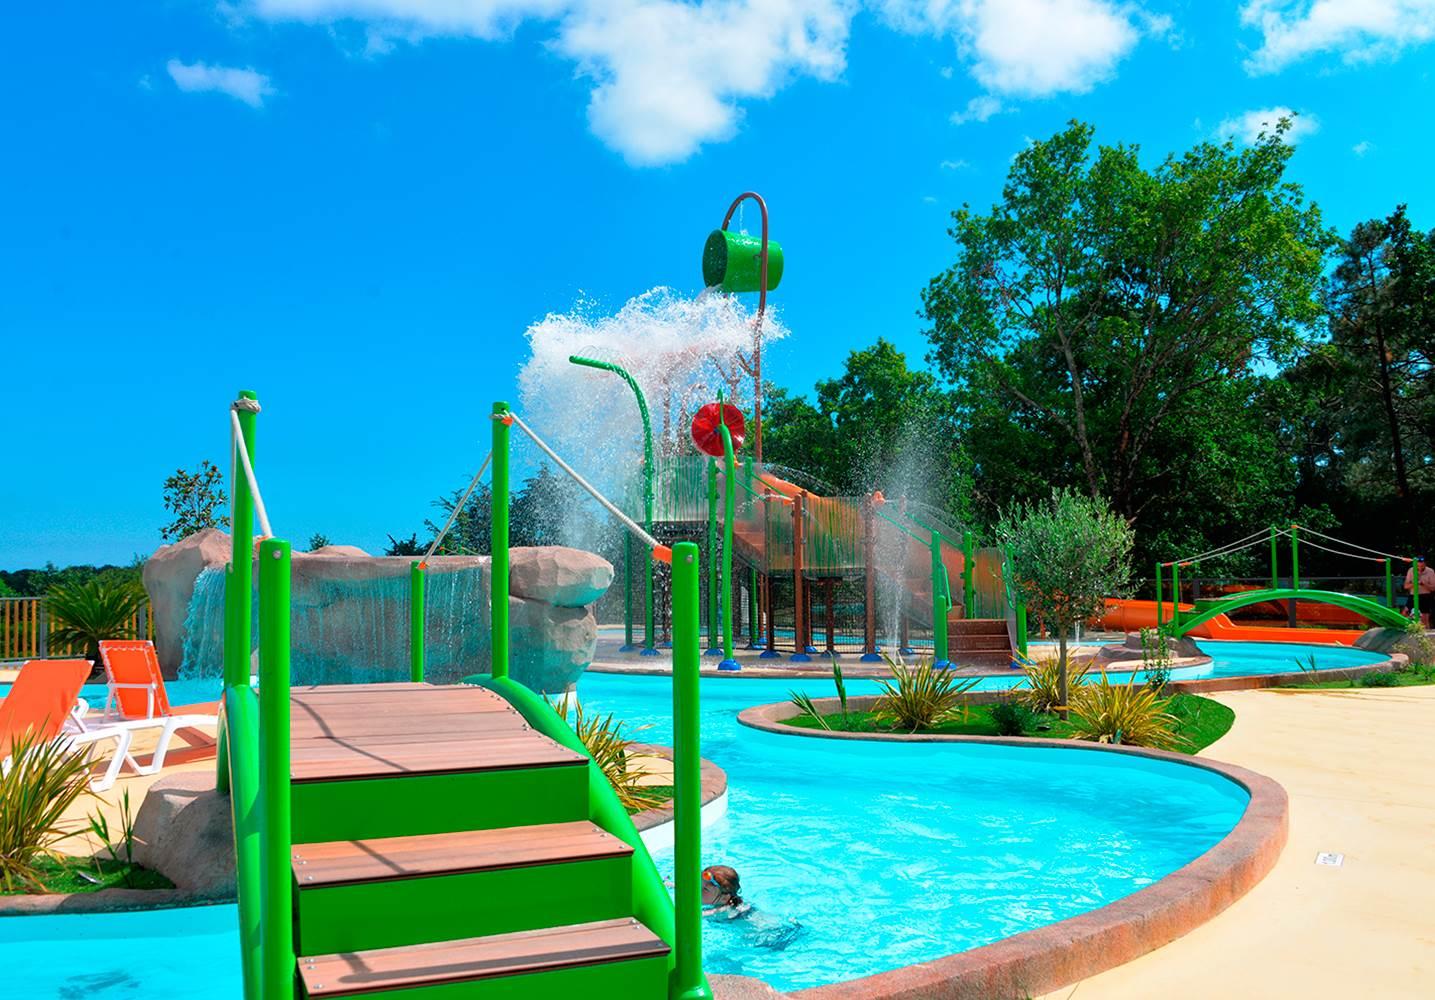 Nouveau parc aqualudique ©